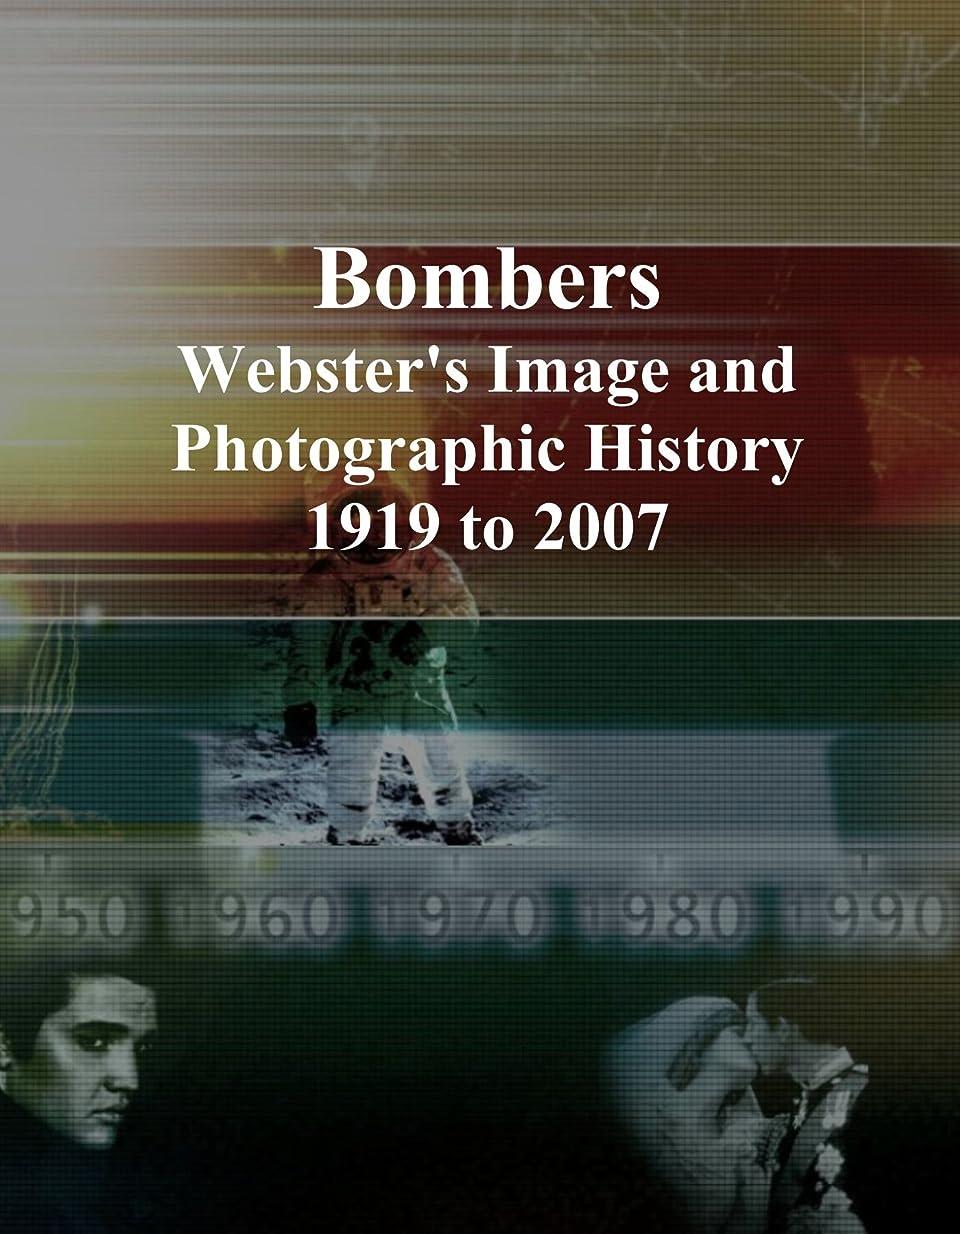 乏しいすり減る繊毛Bombers: Webster's Image and Photographic History, 1919 to 2007